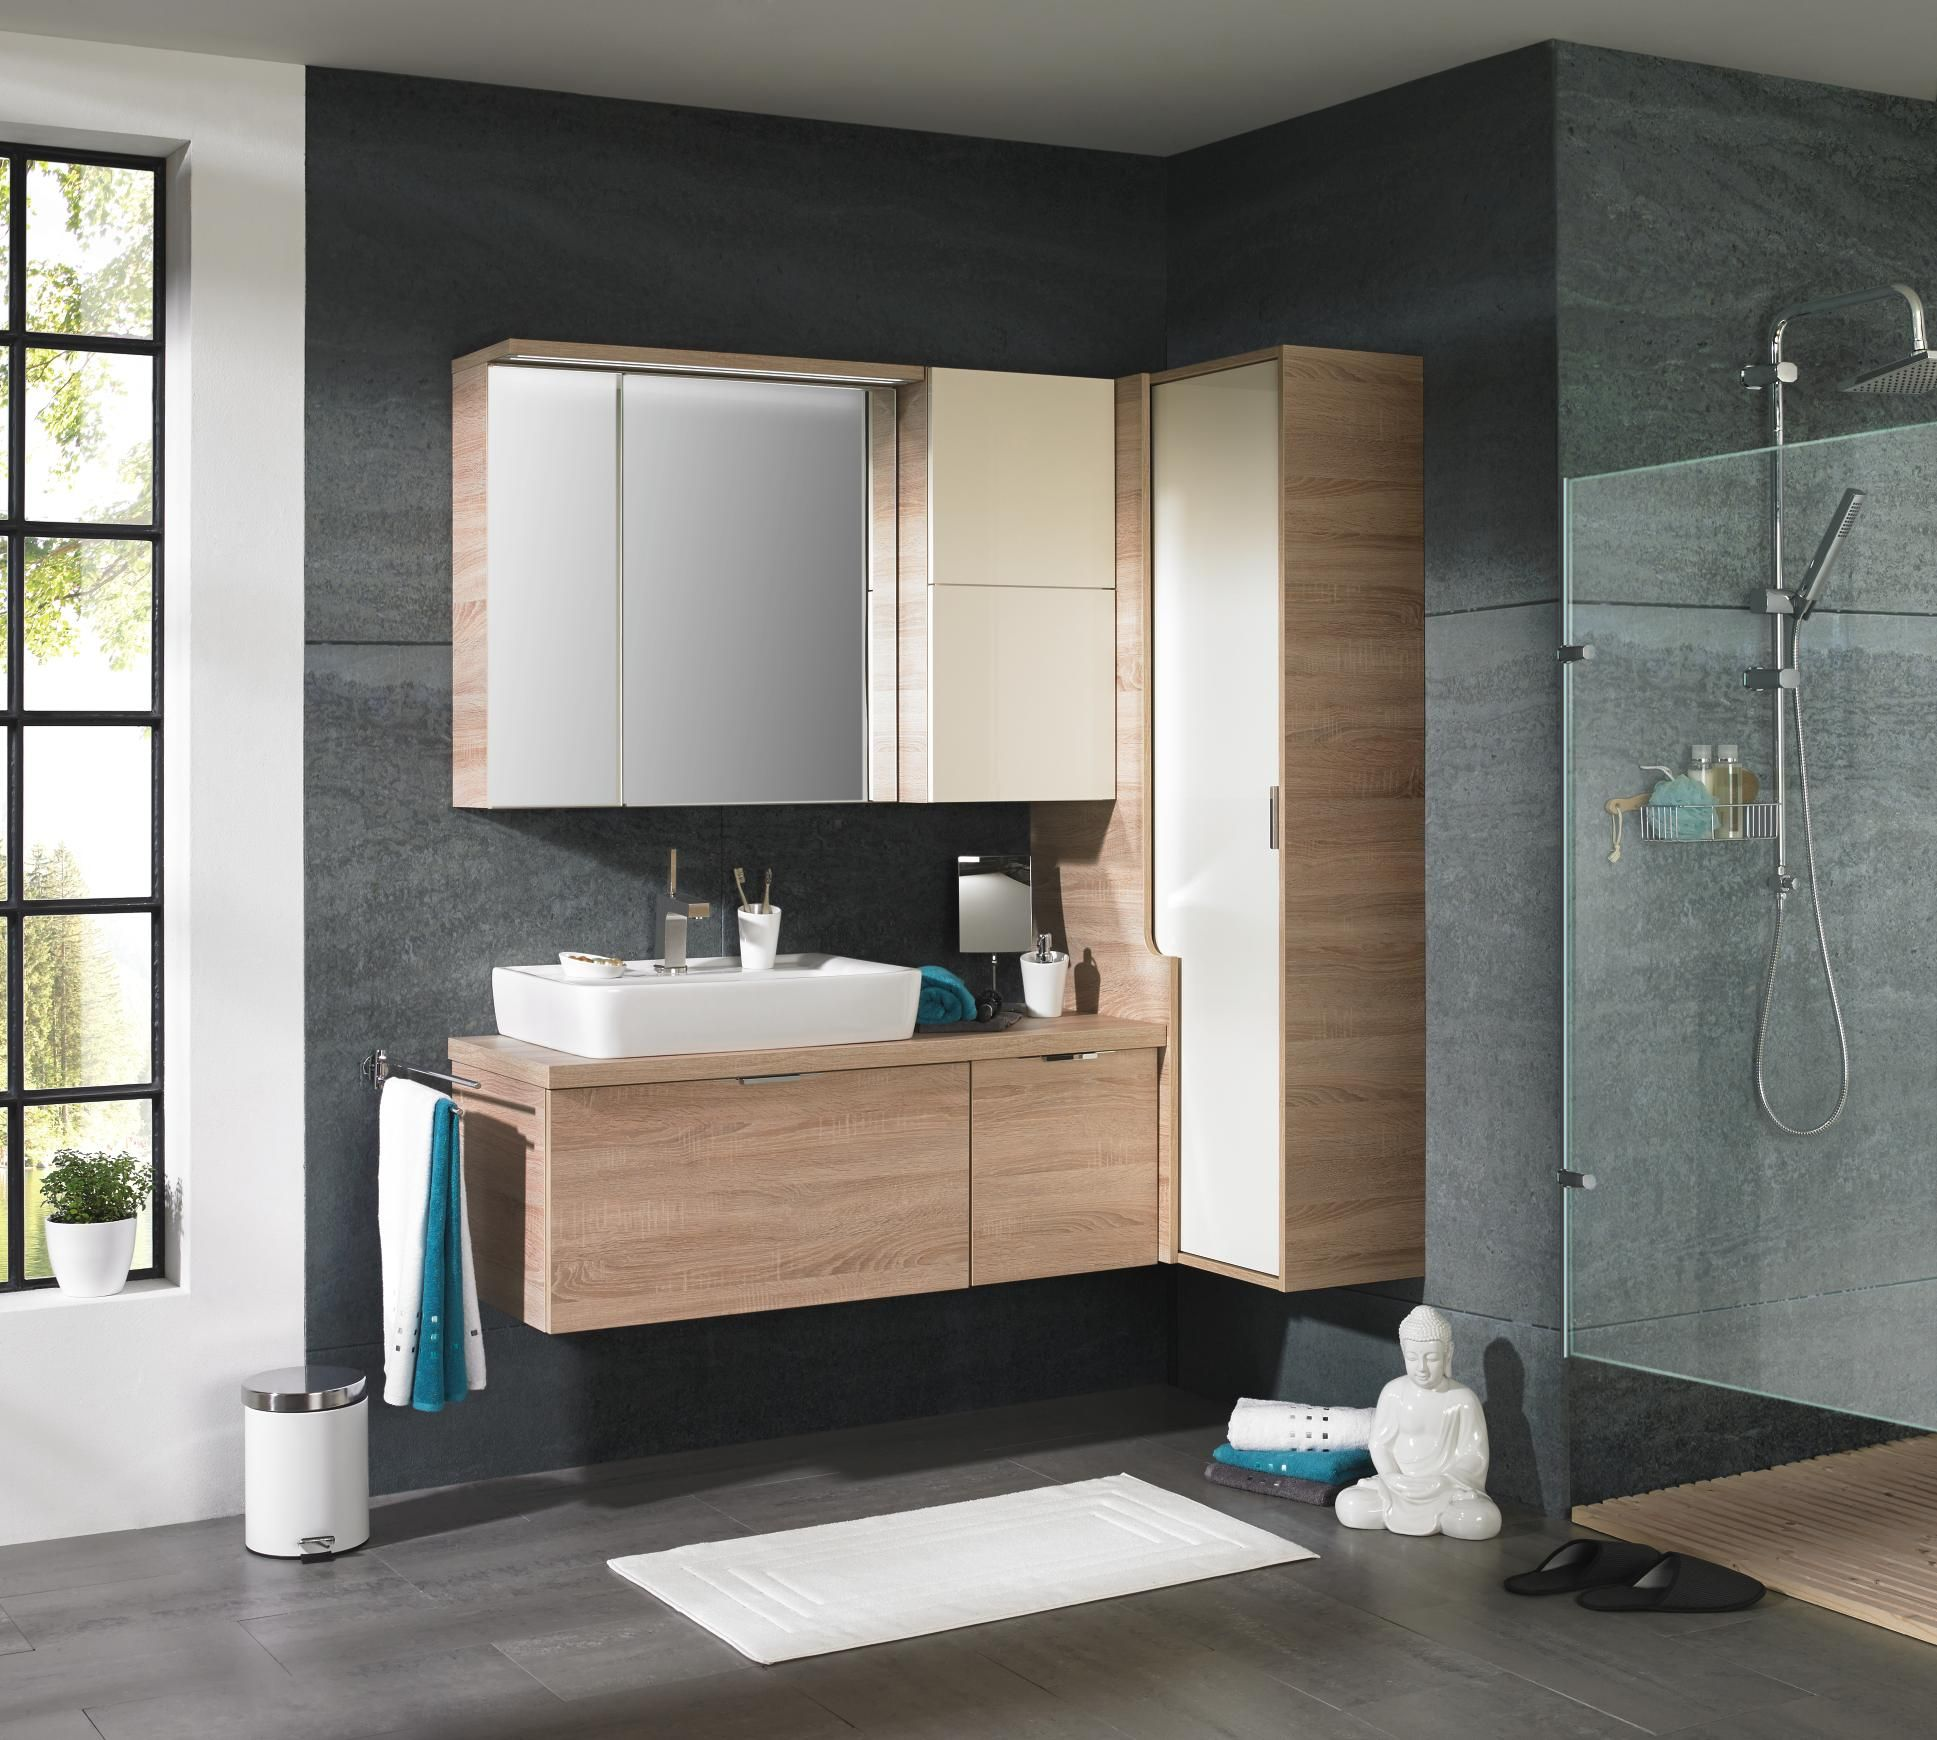 Badezimmer  Badezimmer  Badezimmer Badezimmerausstattung und Baden